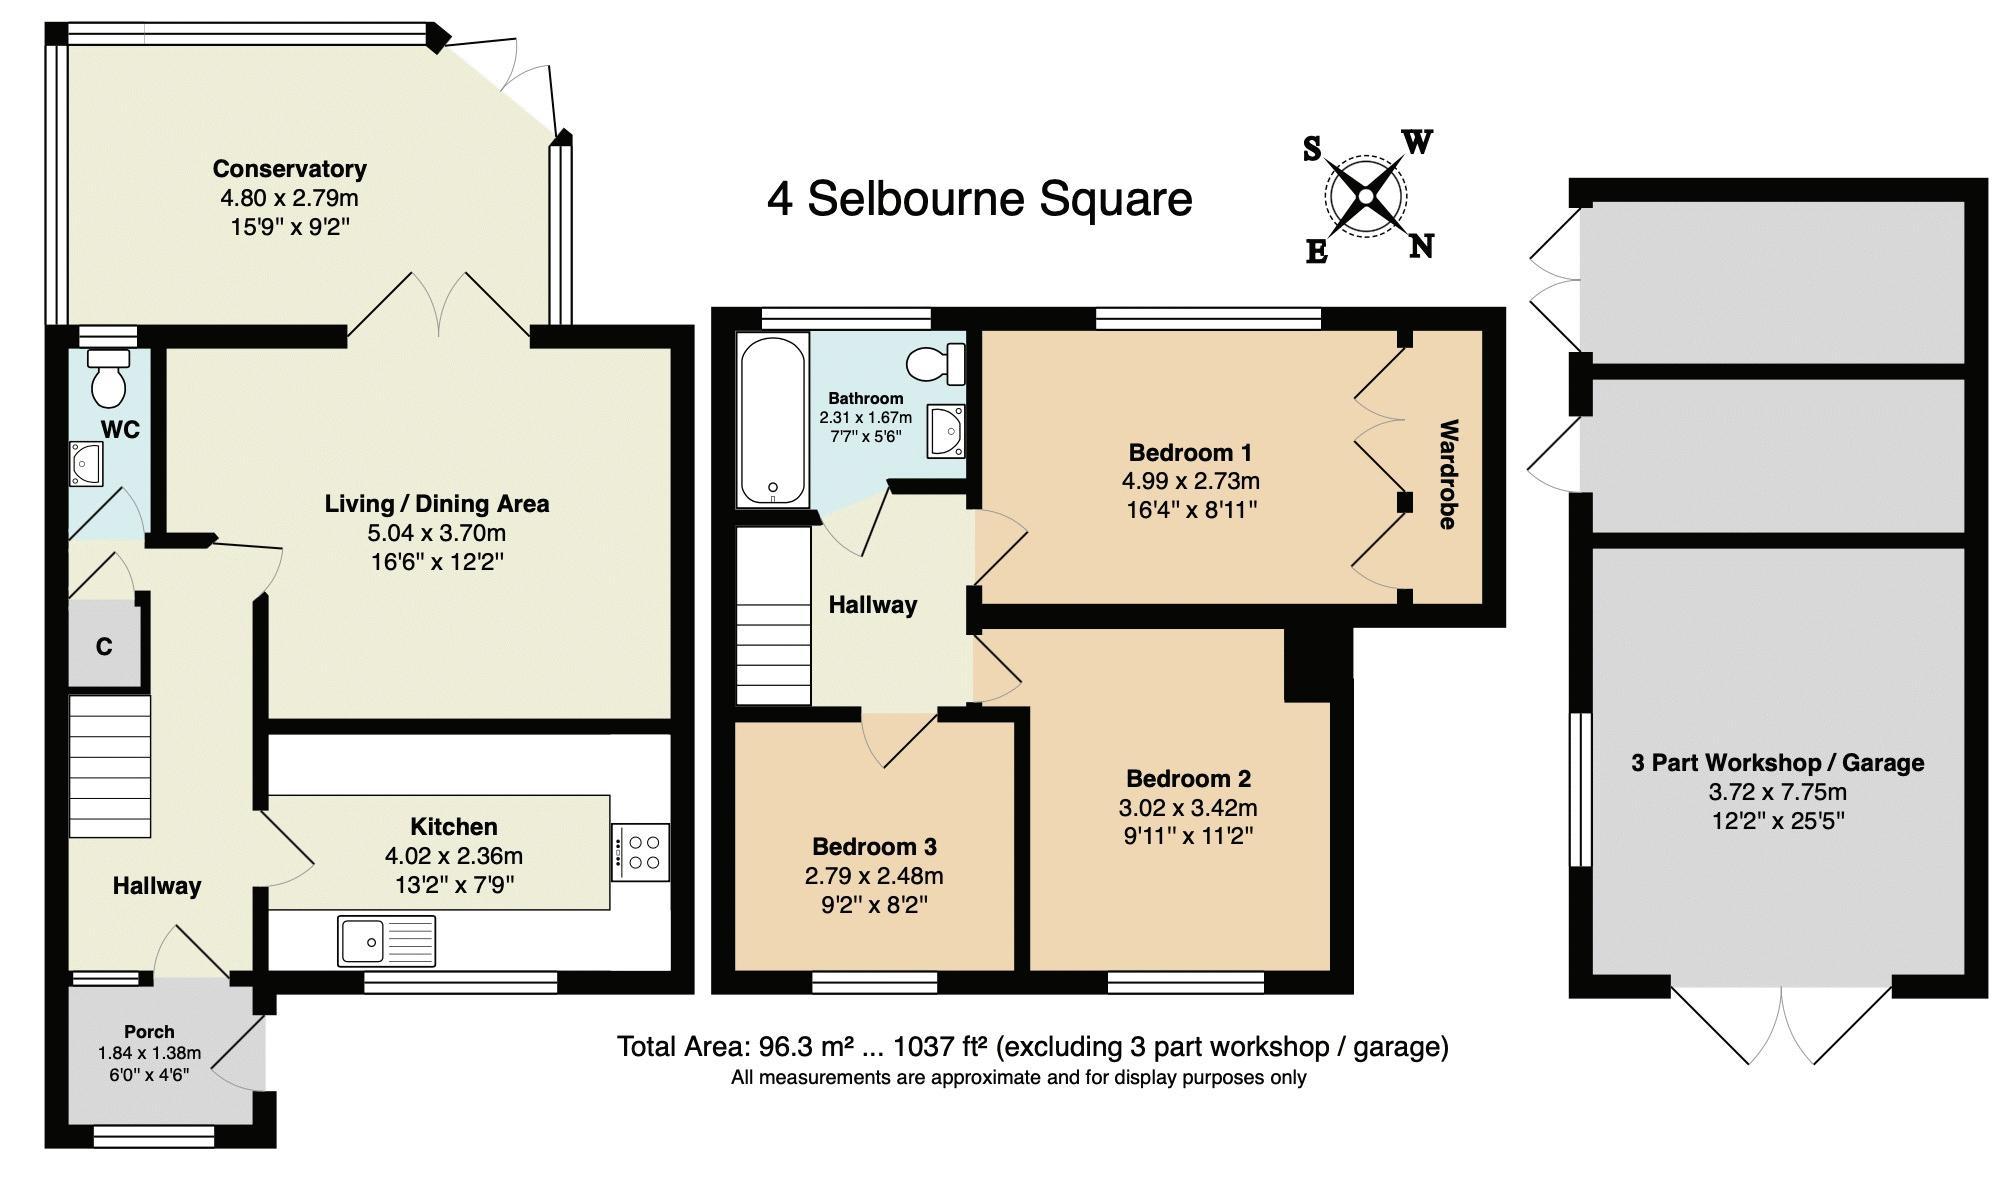 Selbourne Square